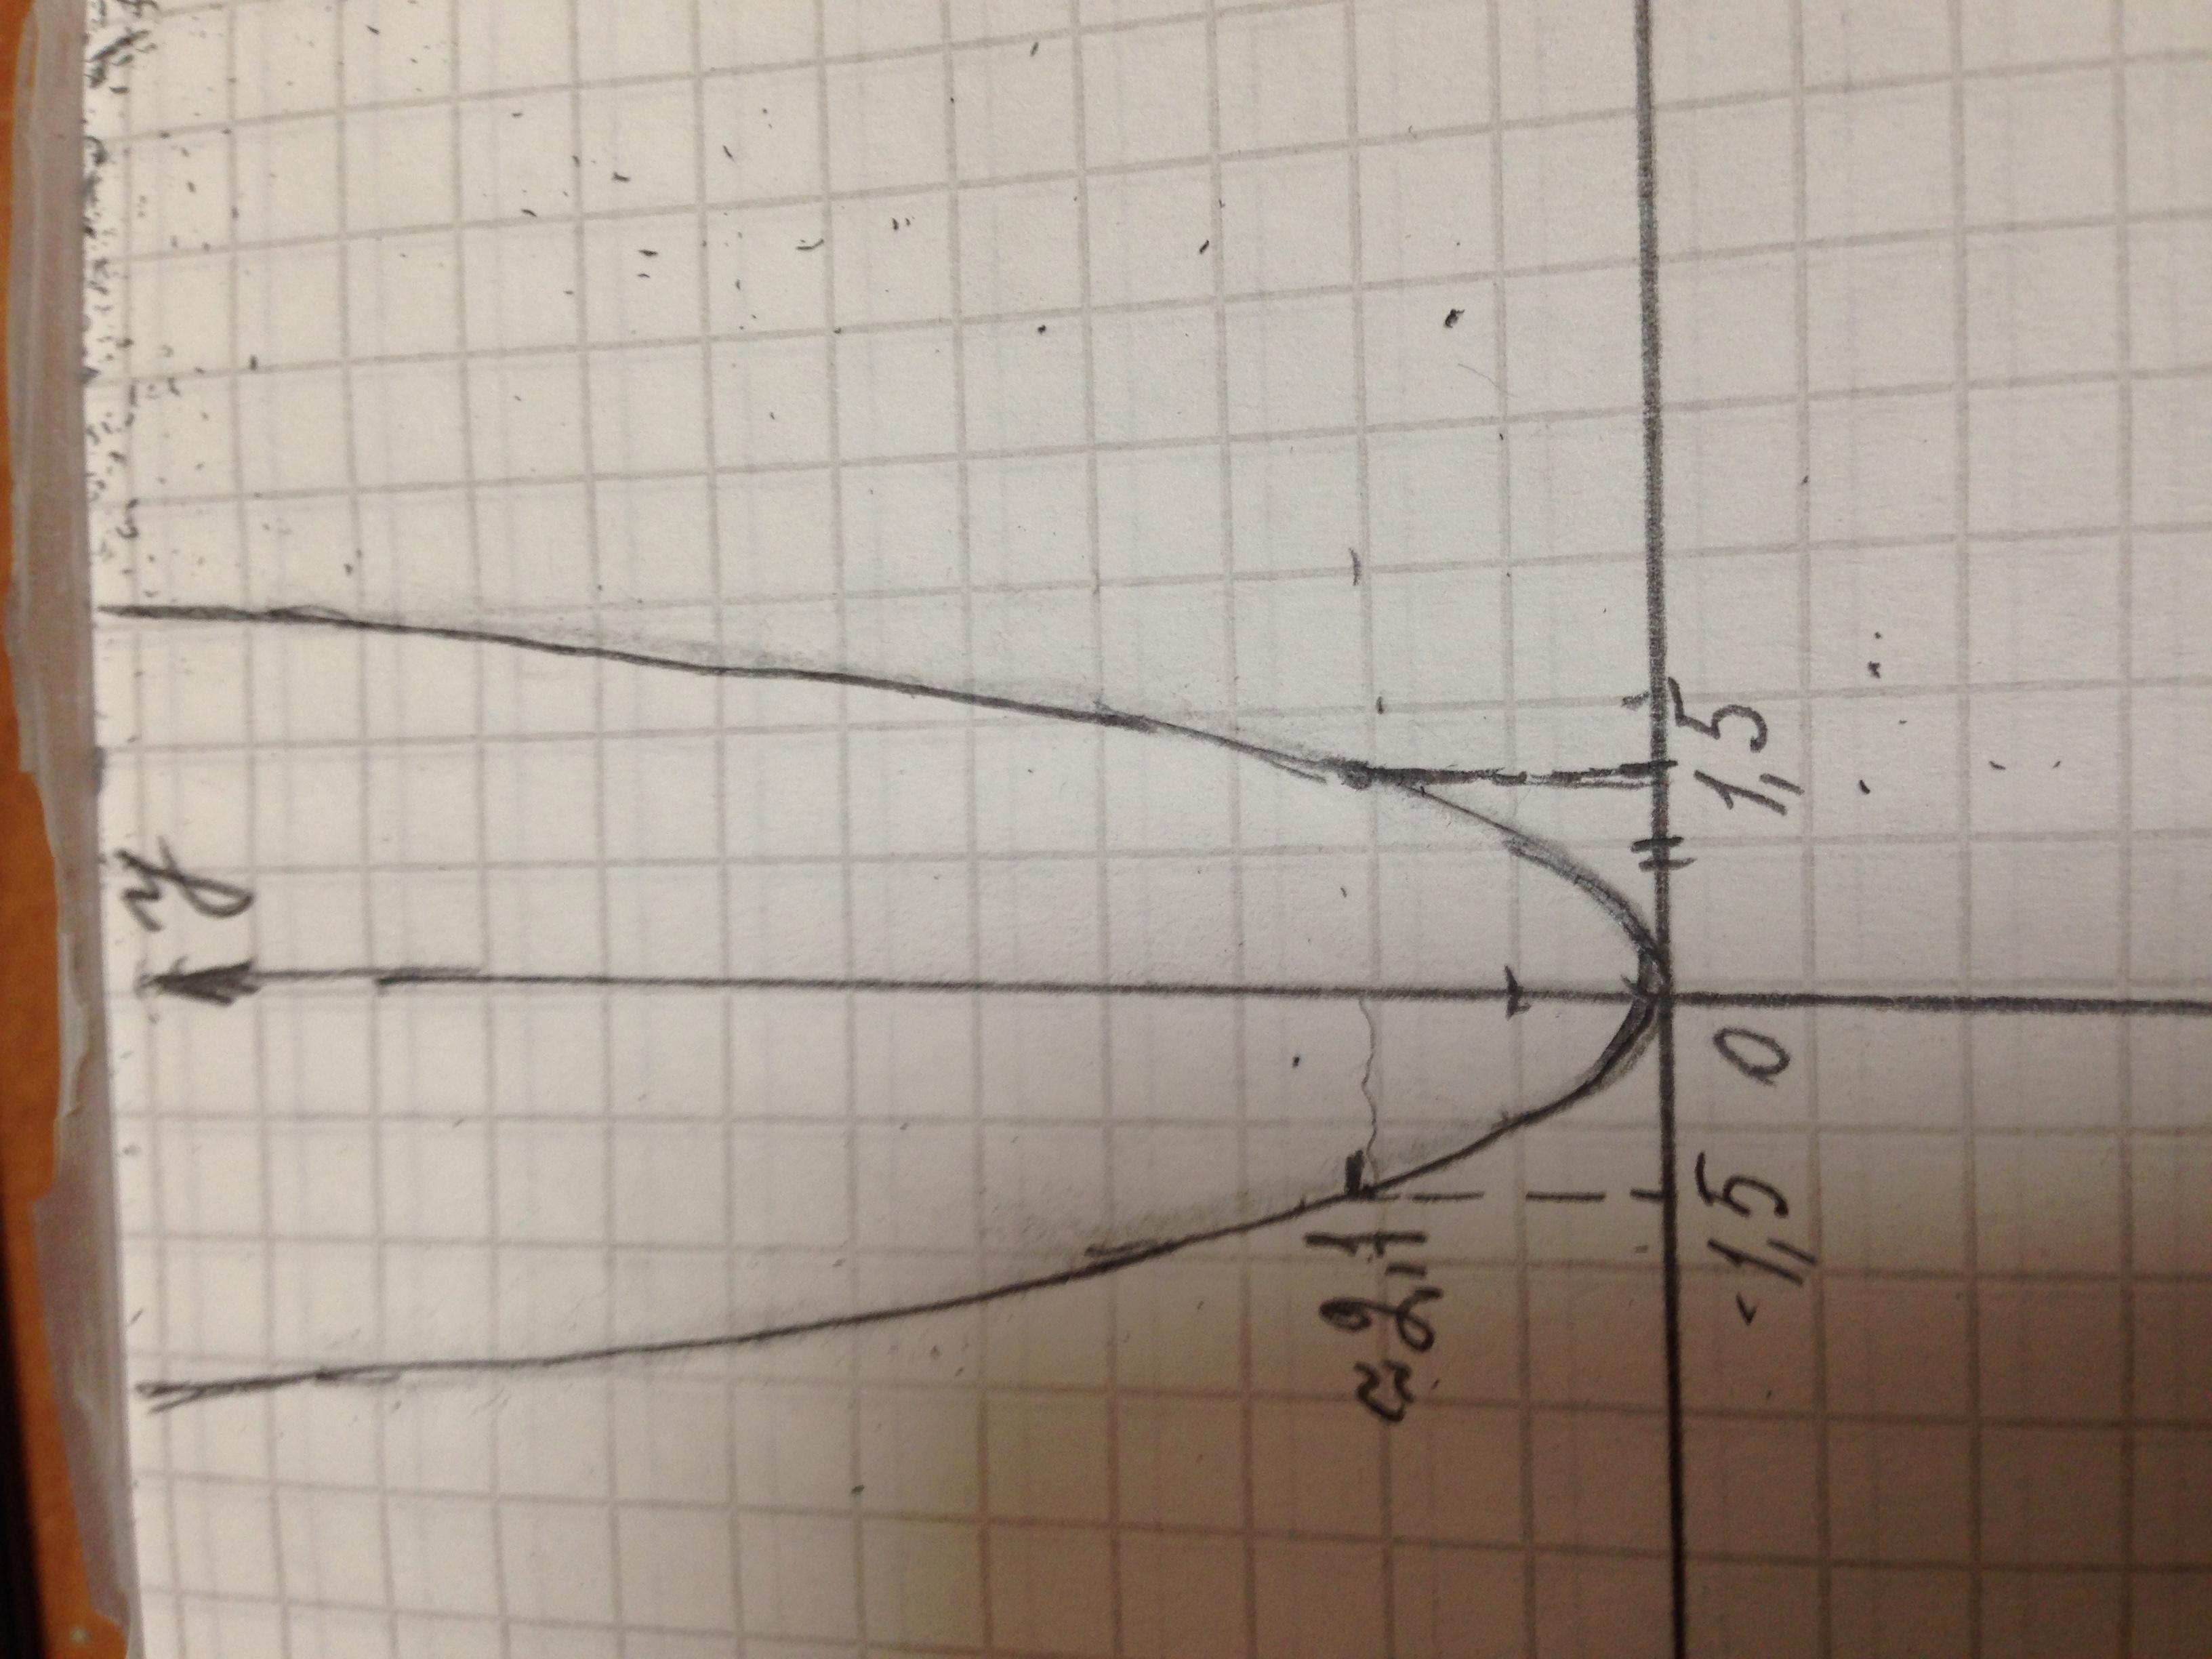 график у построить 2х2-3 функции